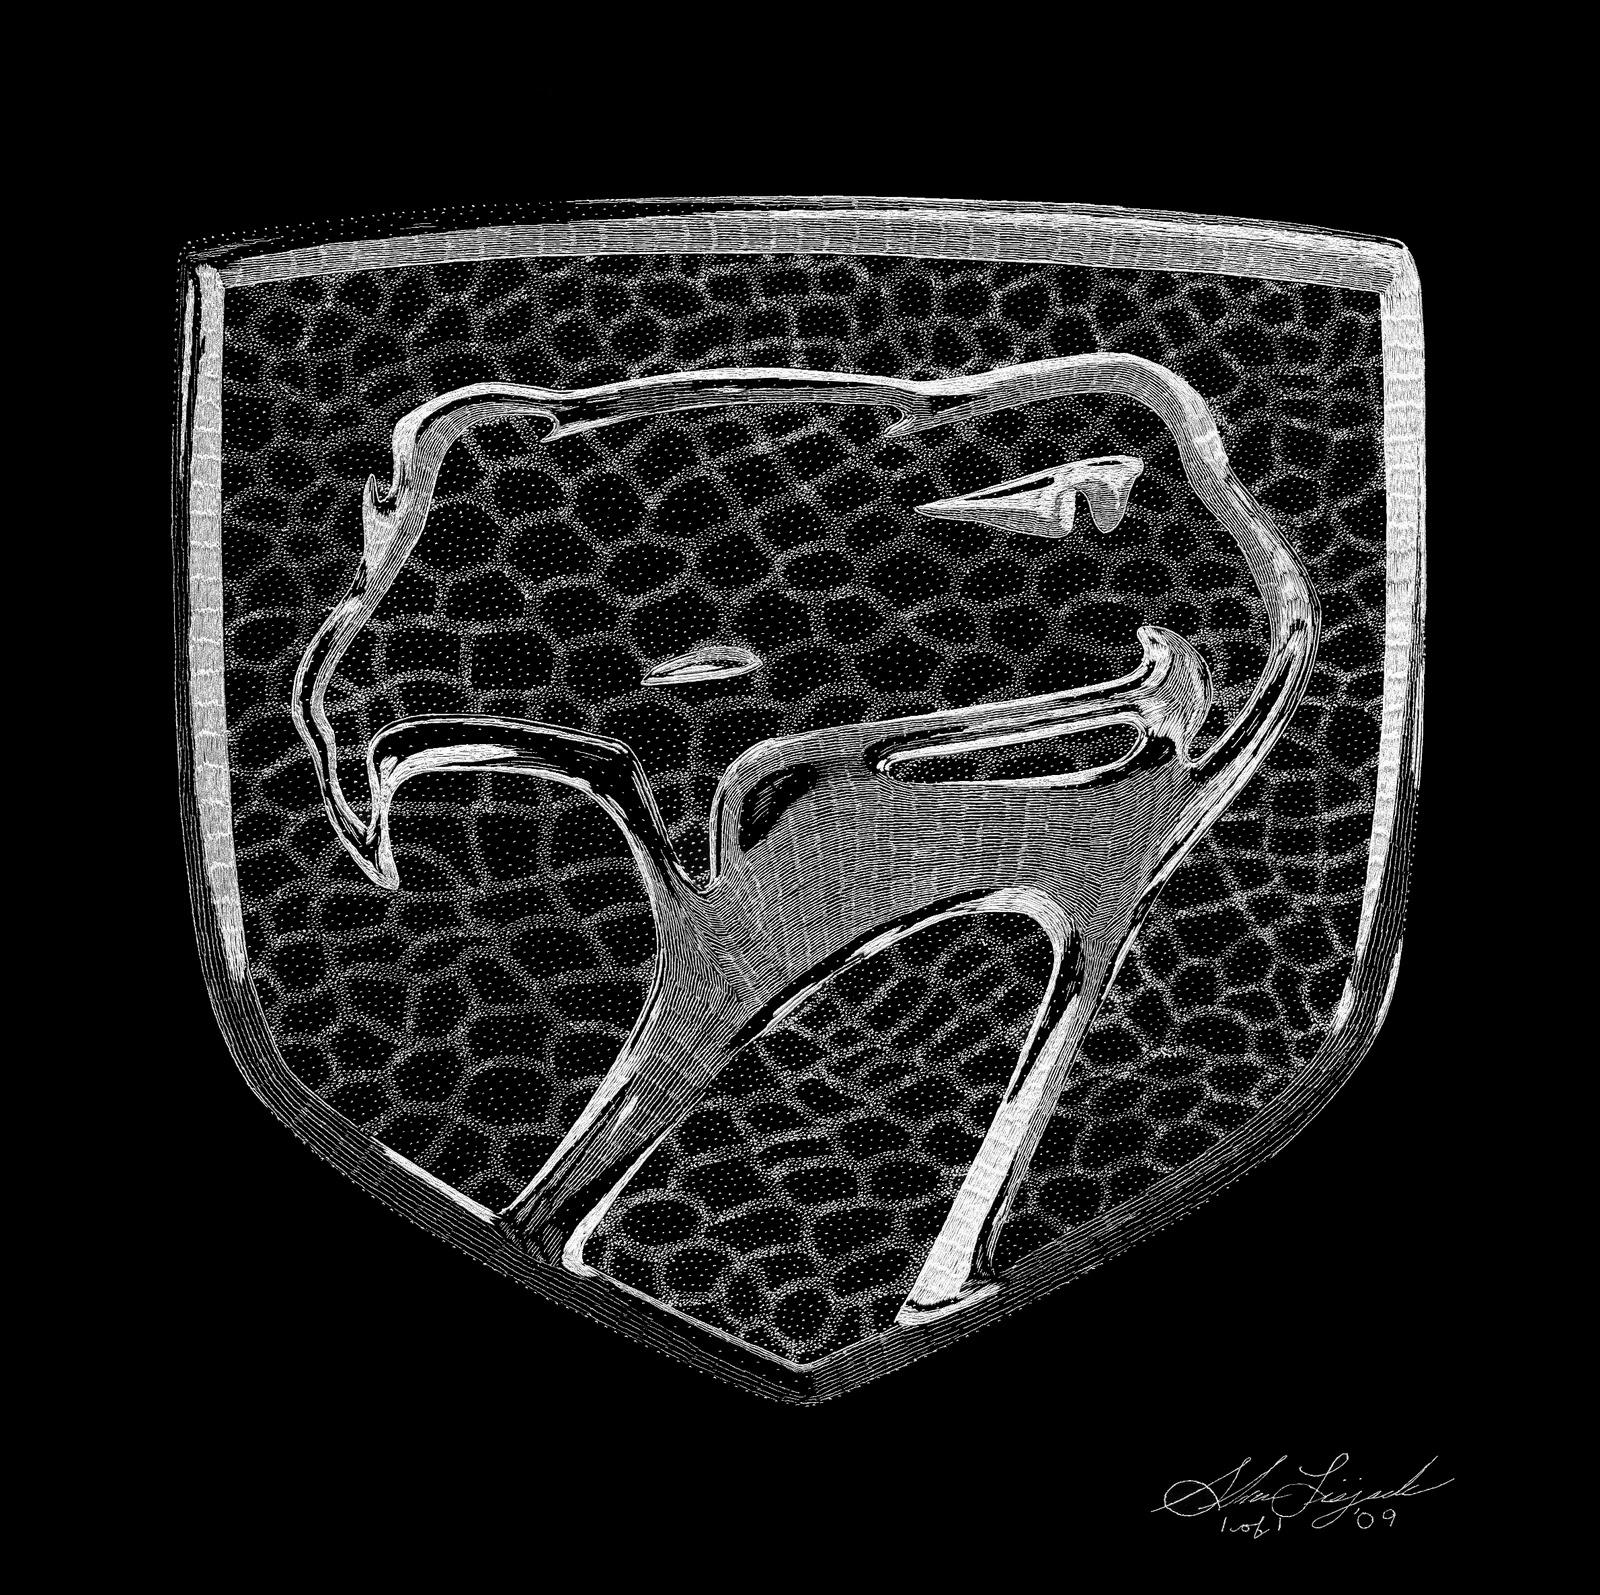 Exotic Engravings: Dodge Viper Emblem